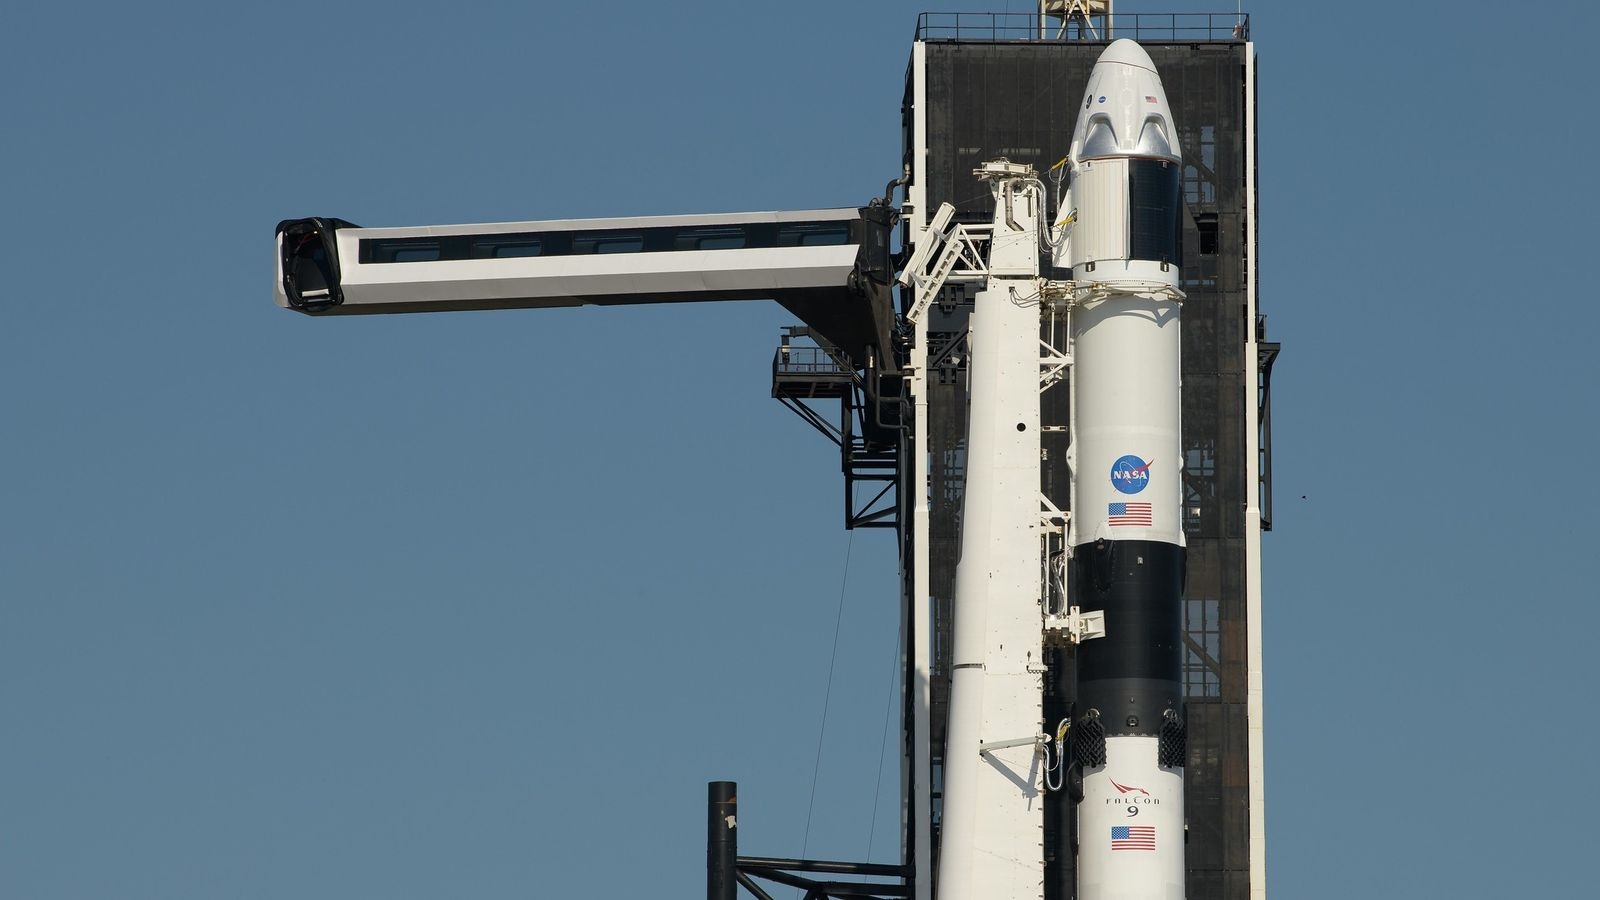 El brazo de acceso de la tripulación se colocó en posición en la nave espacial SpaceX ...